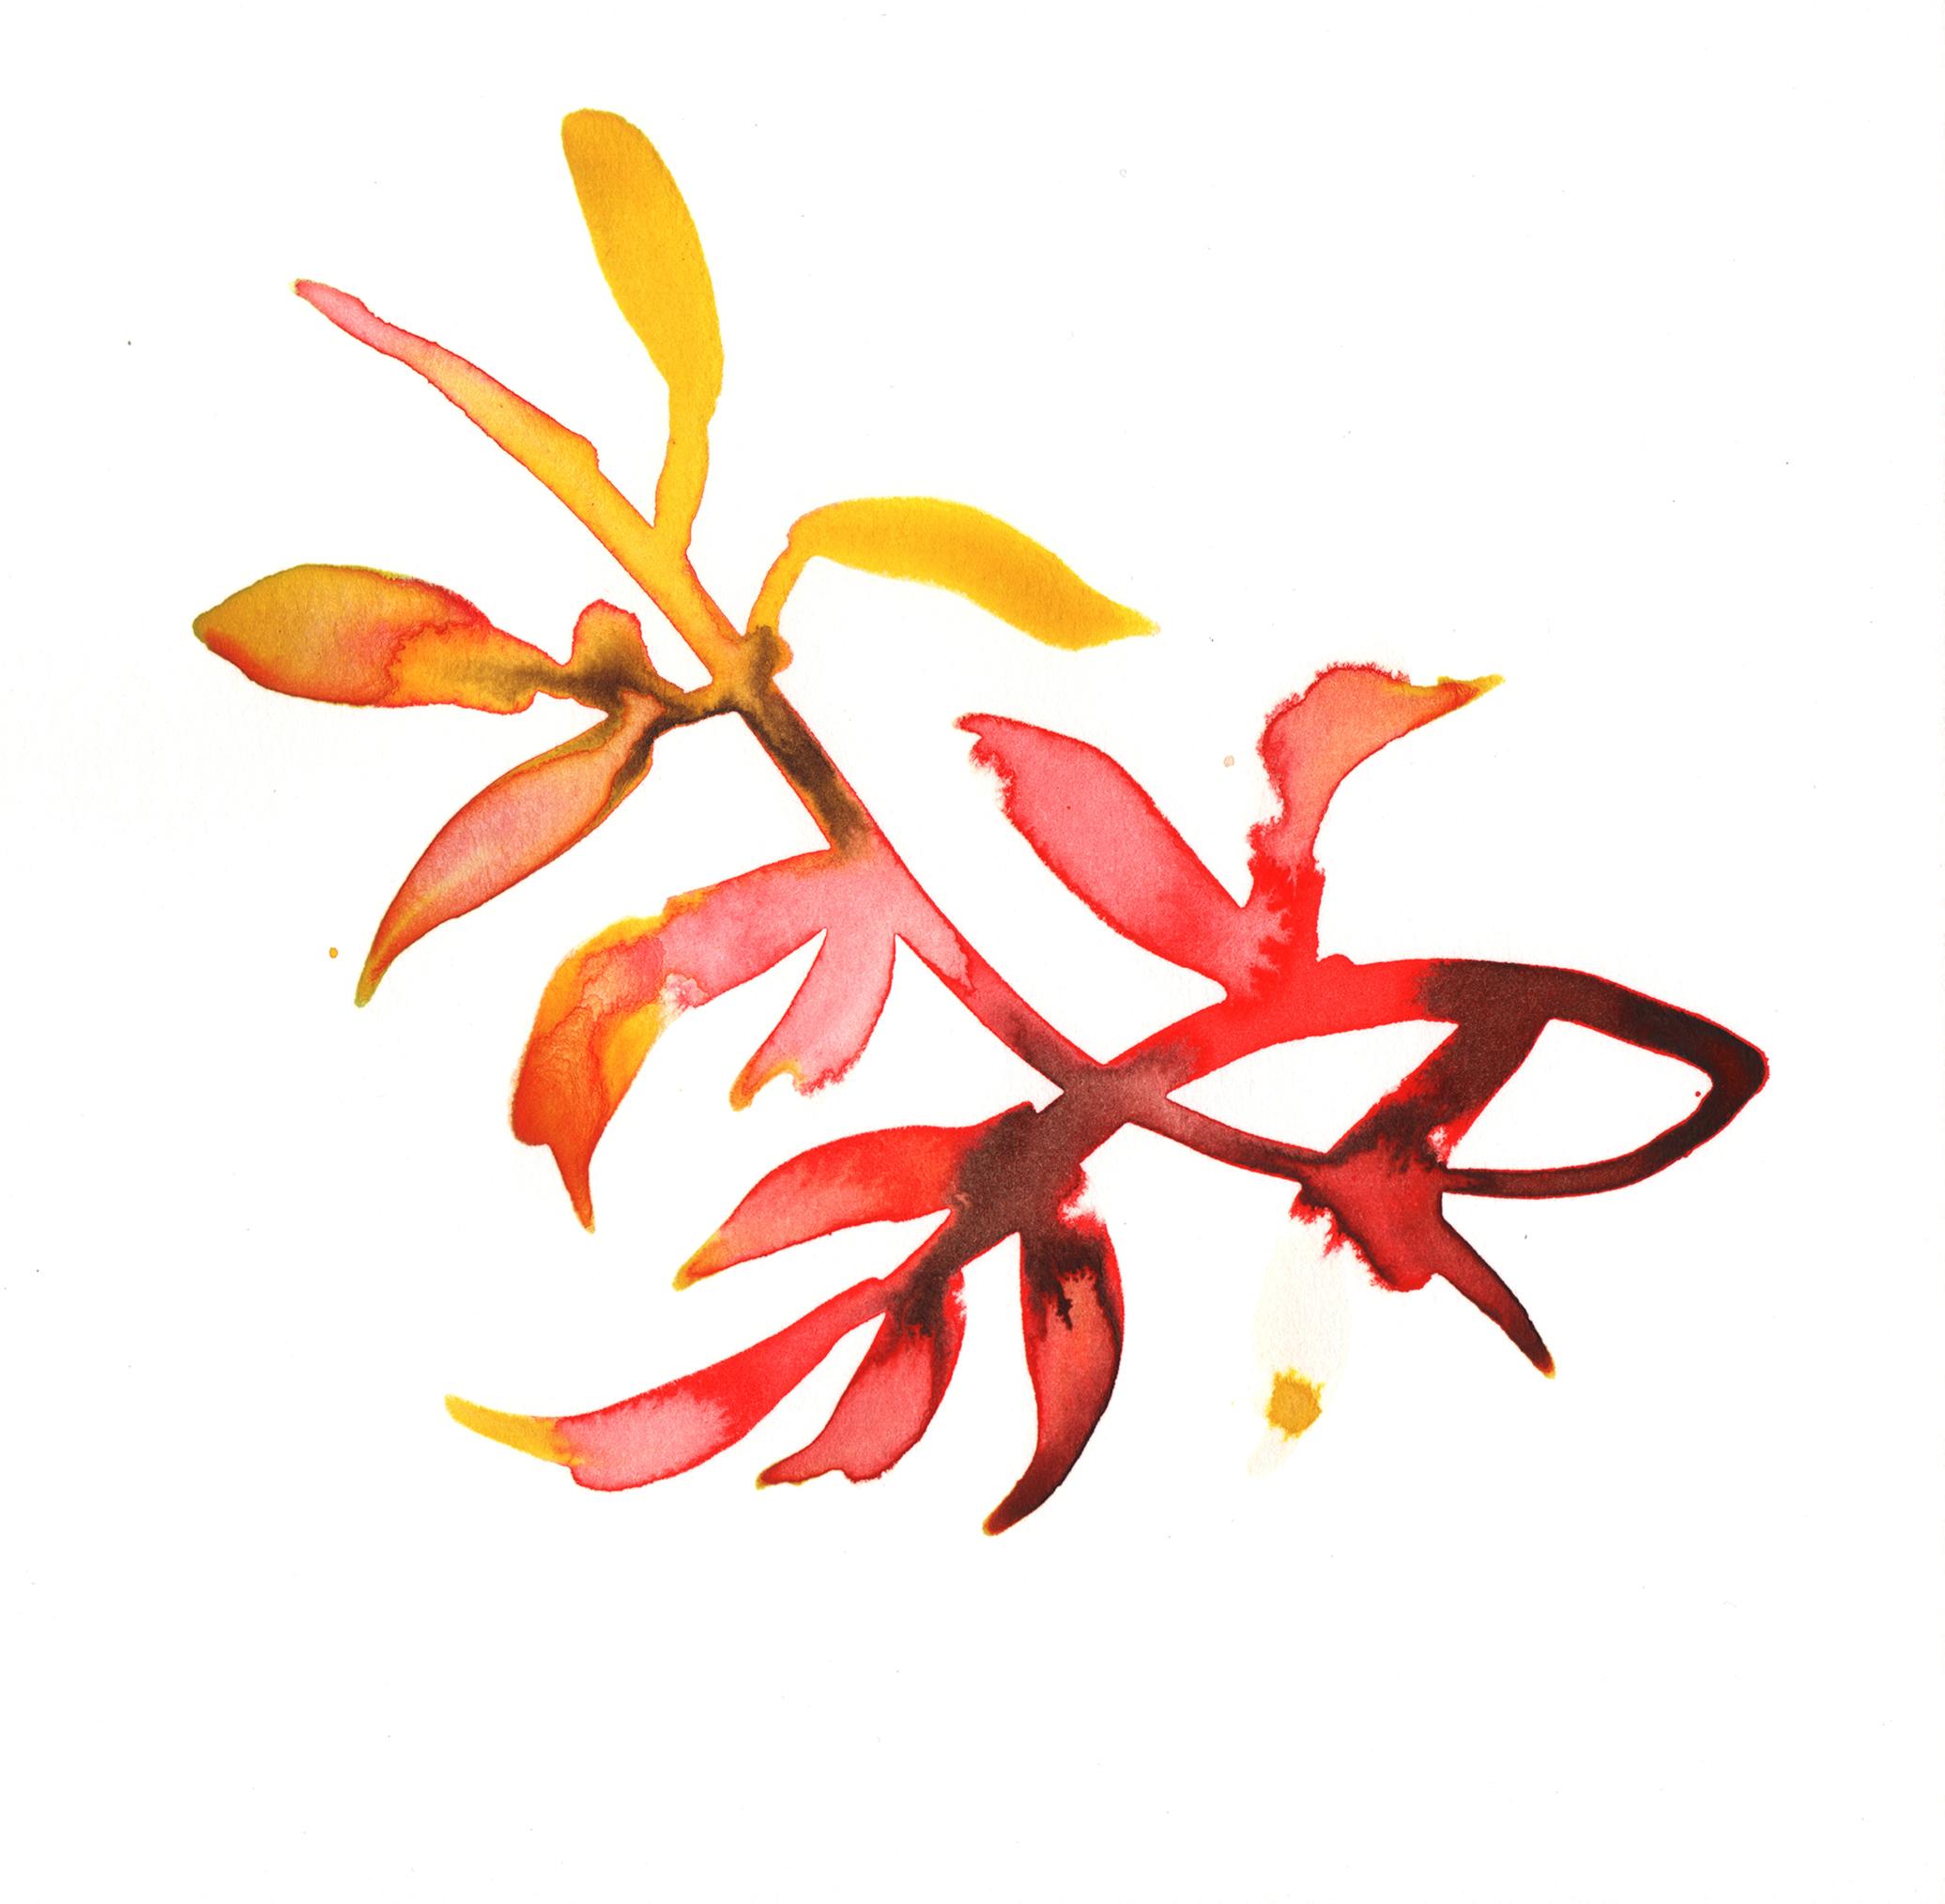 260.Kelp.10.26.14.jpg